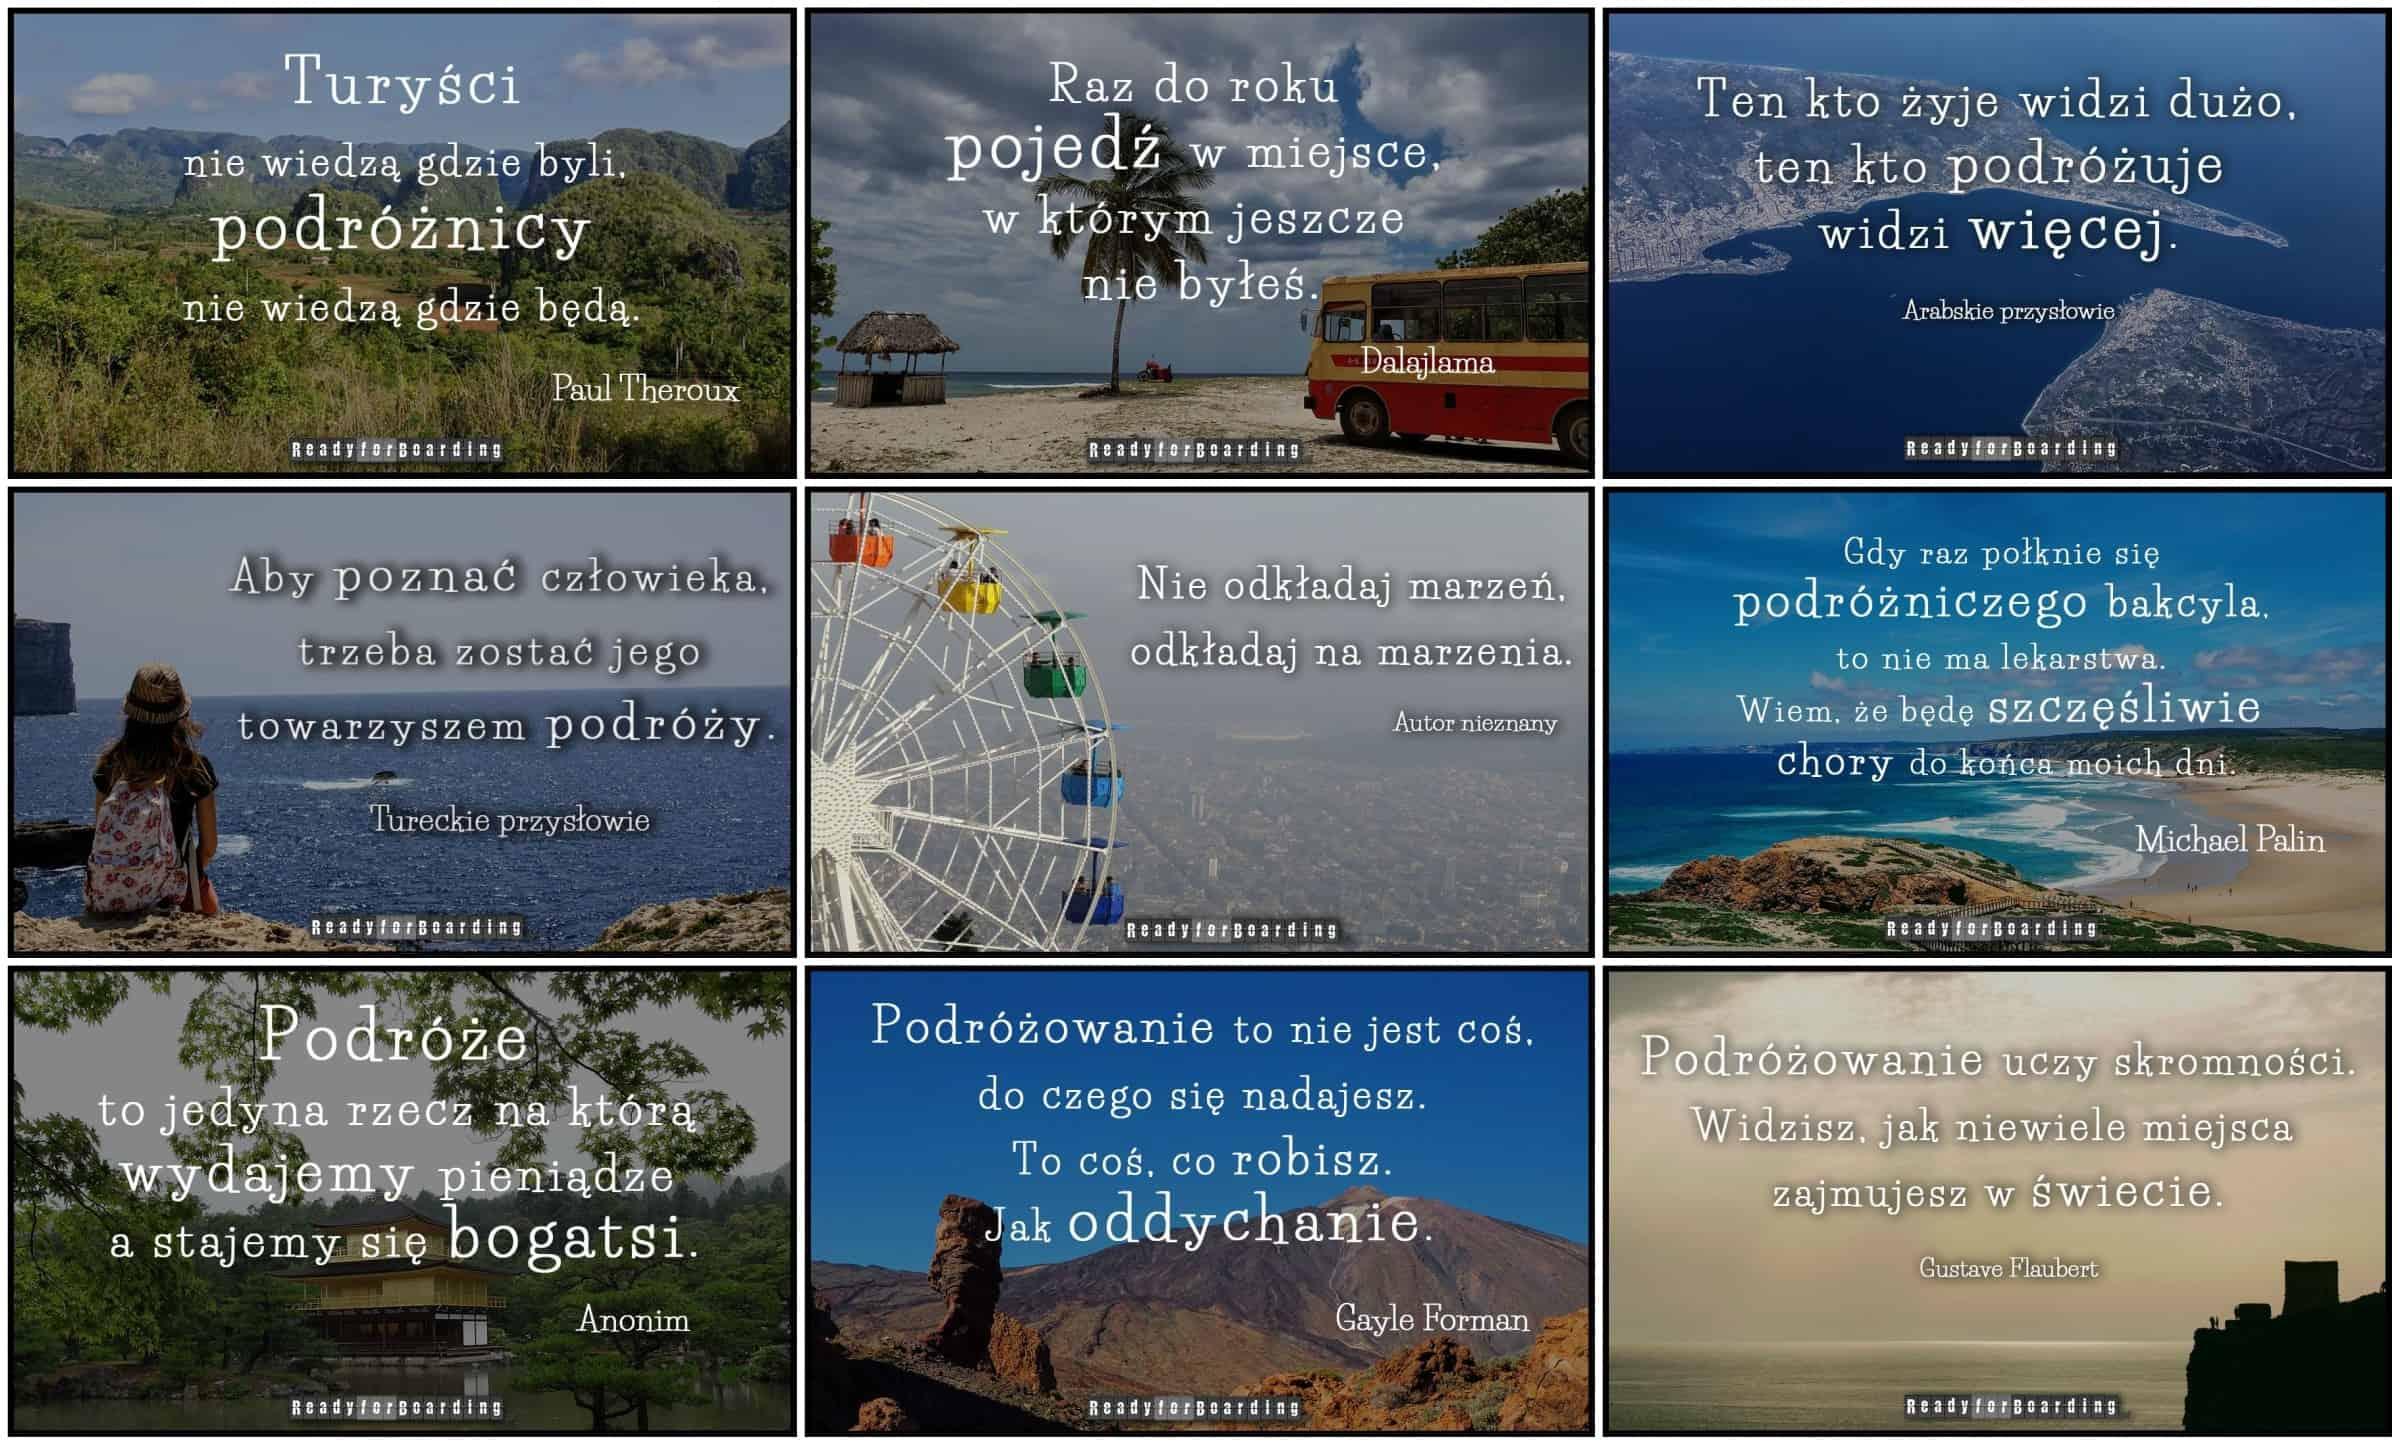 Najlepsze cytaty podróżnicze